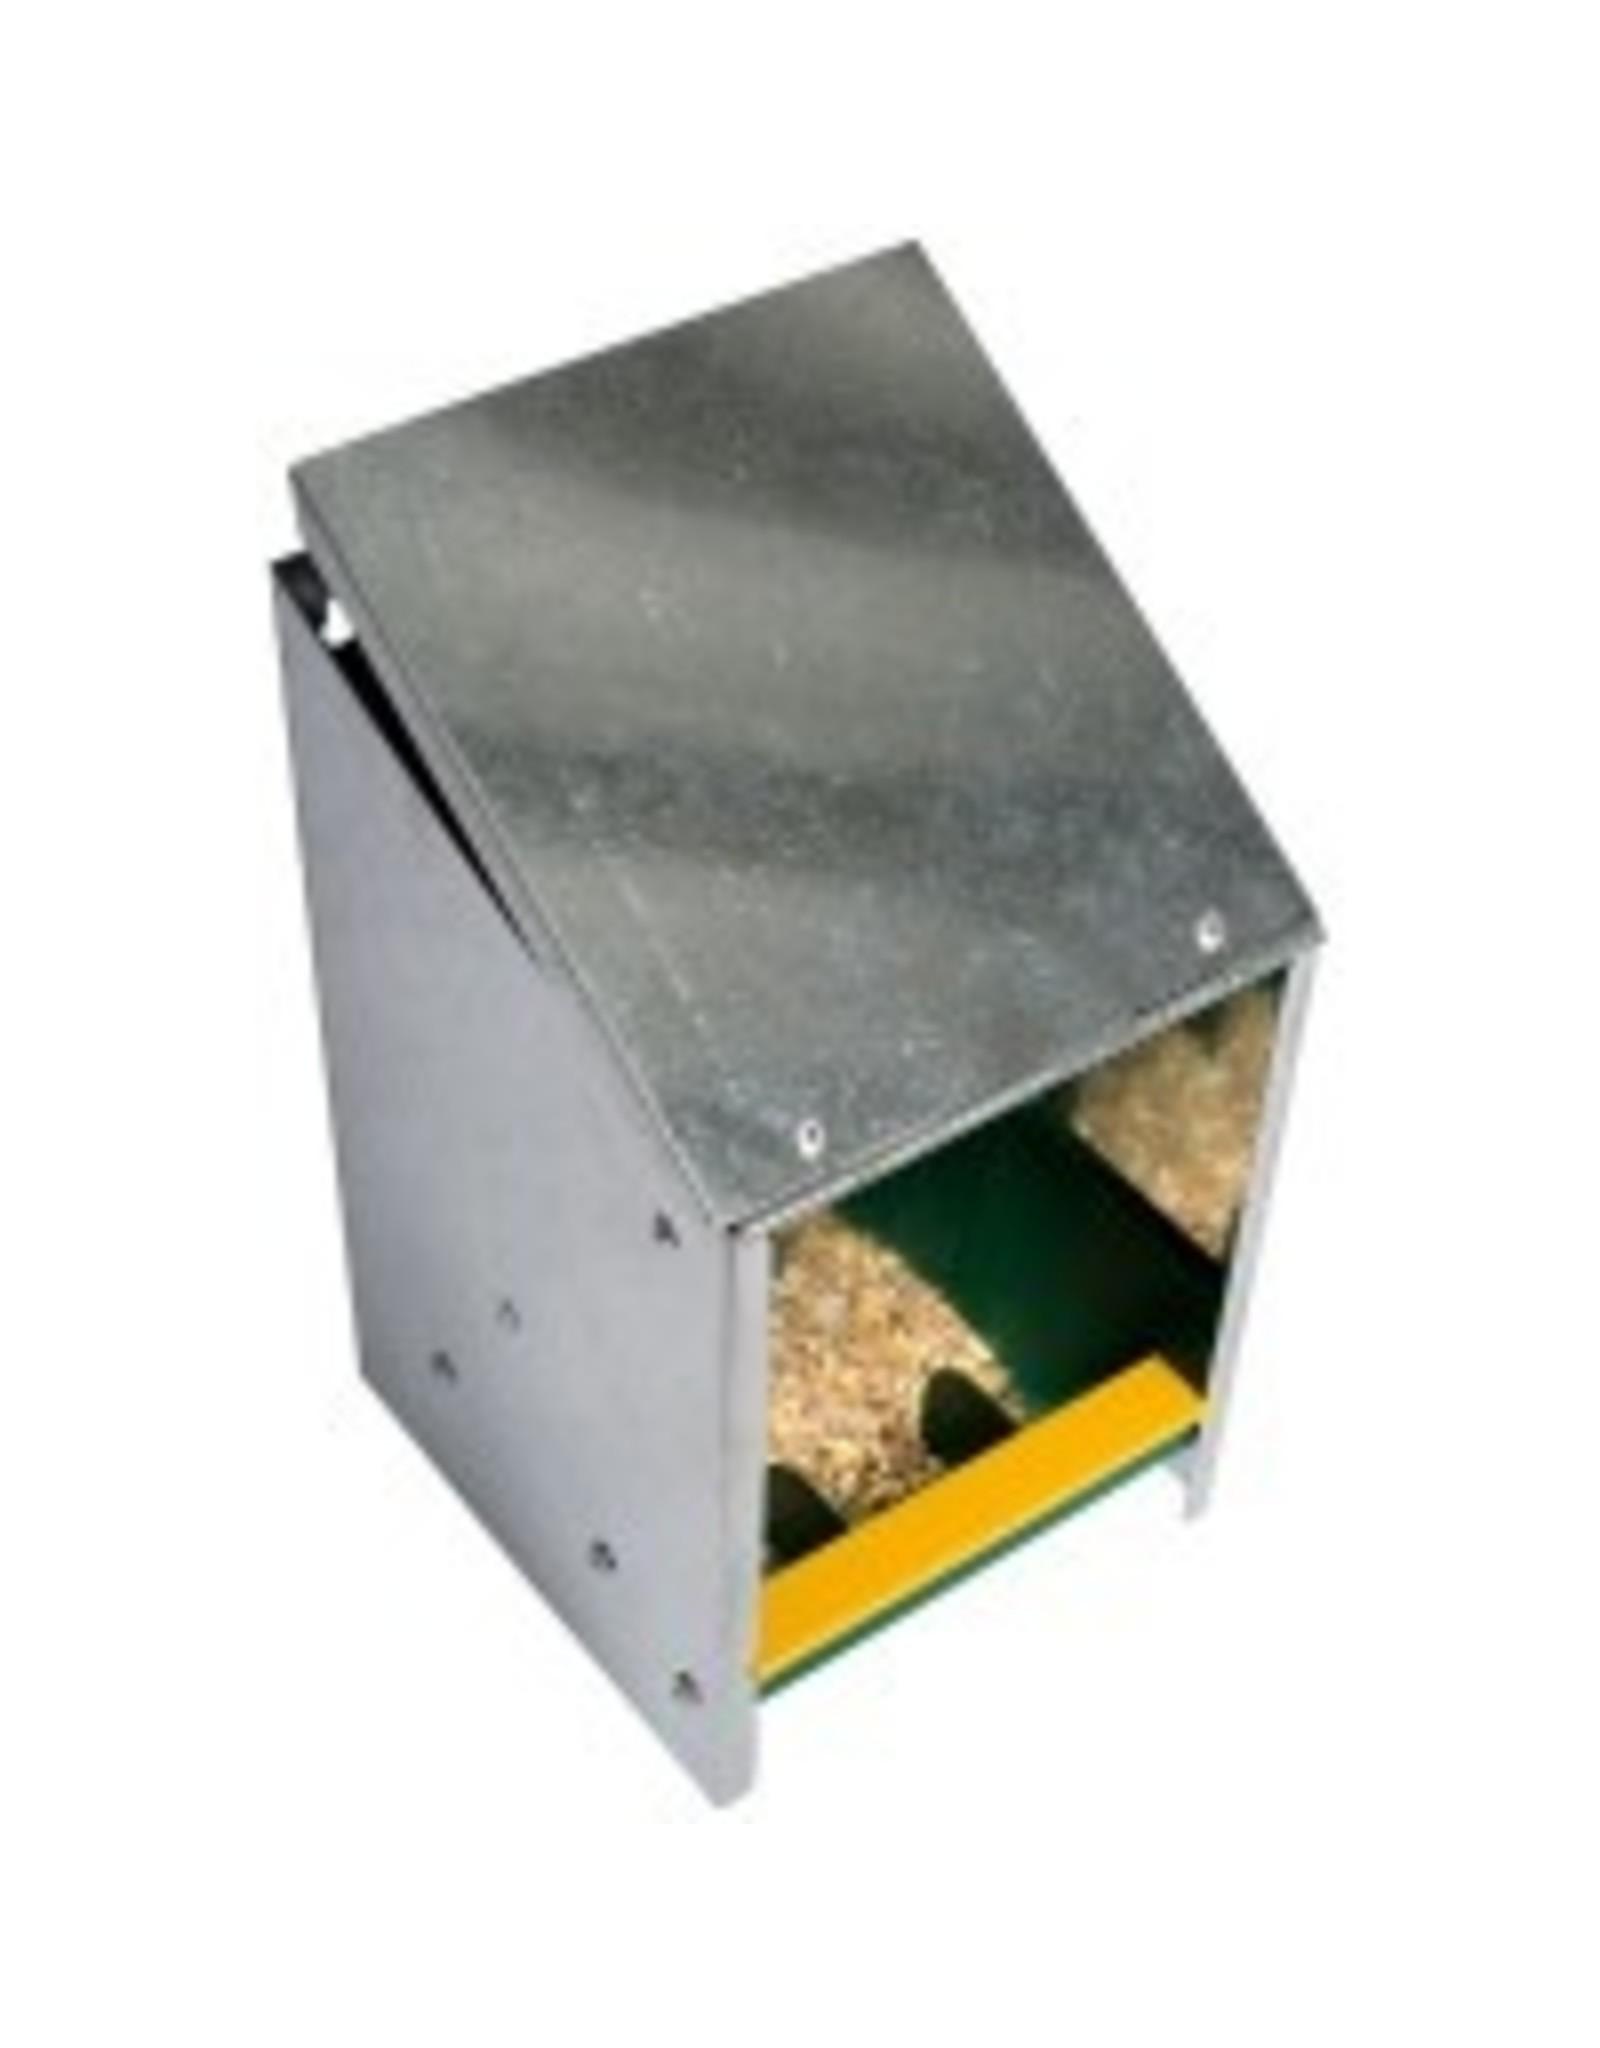 Drink/ Voerbakken Voerautomaat zink 2.5kg schuin deks - 1 Stuks